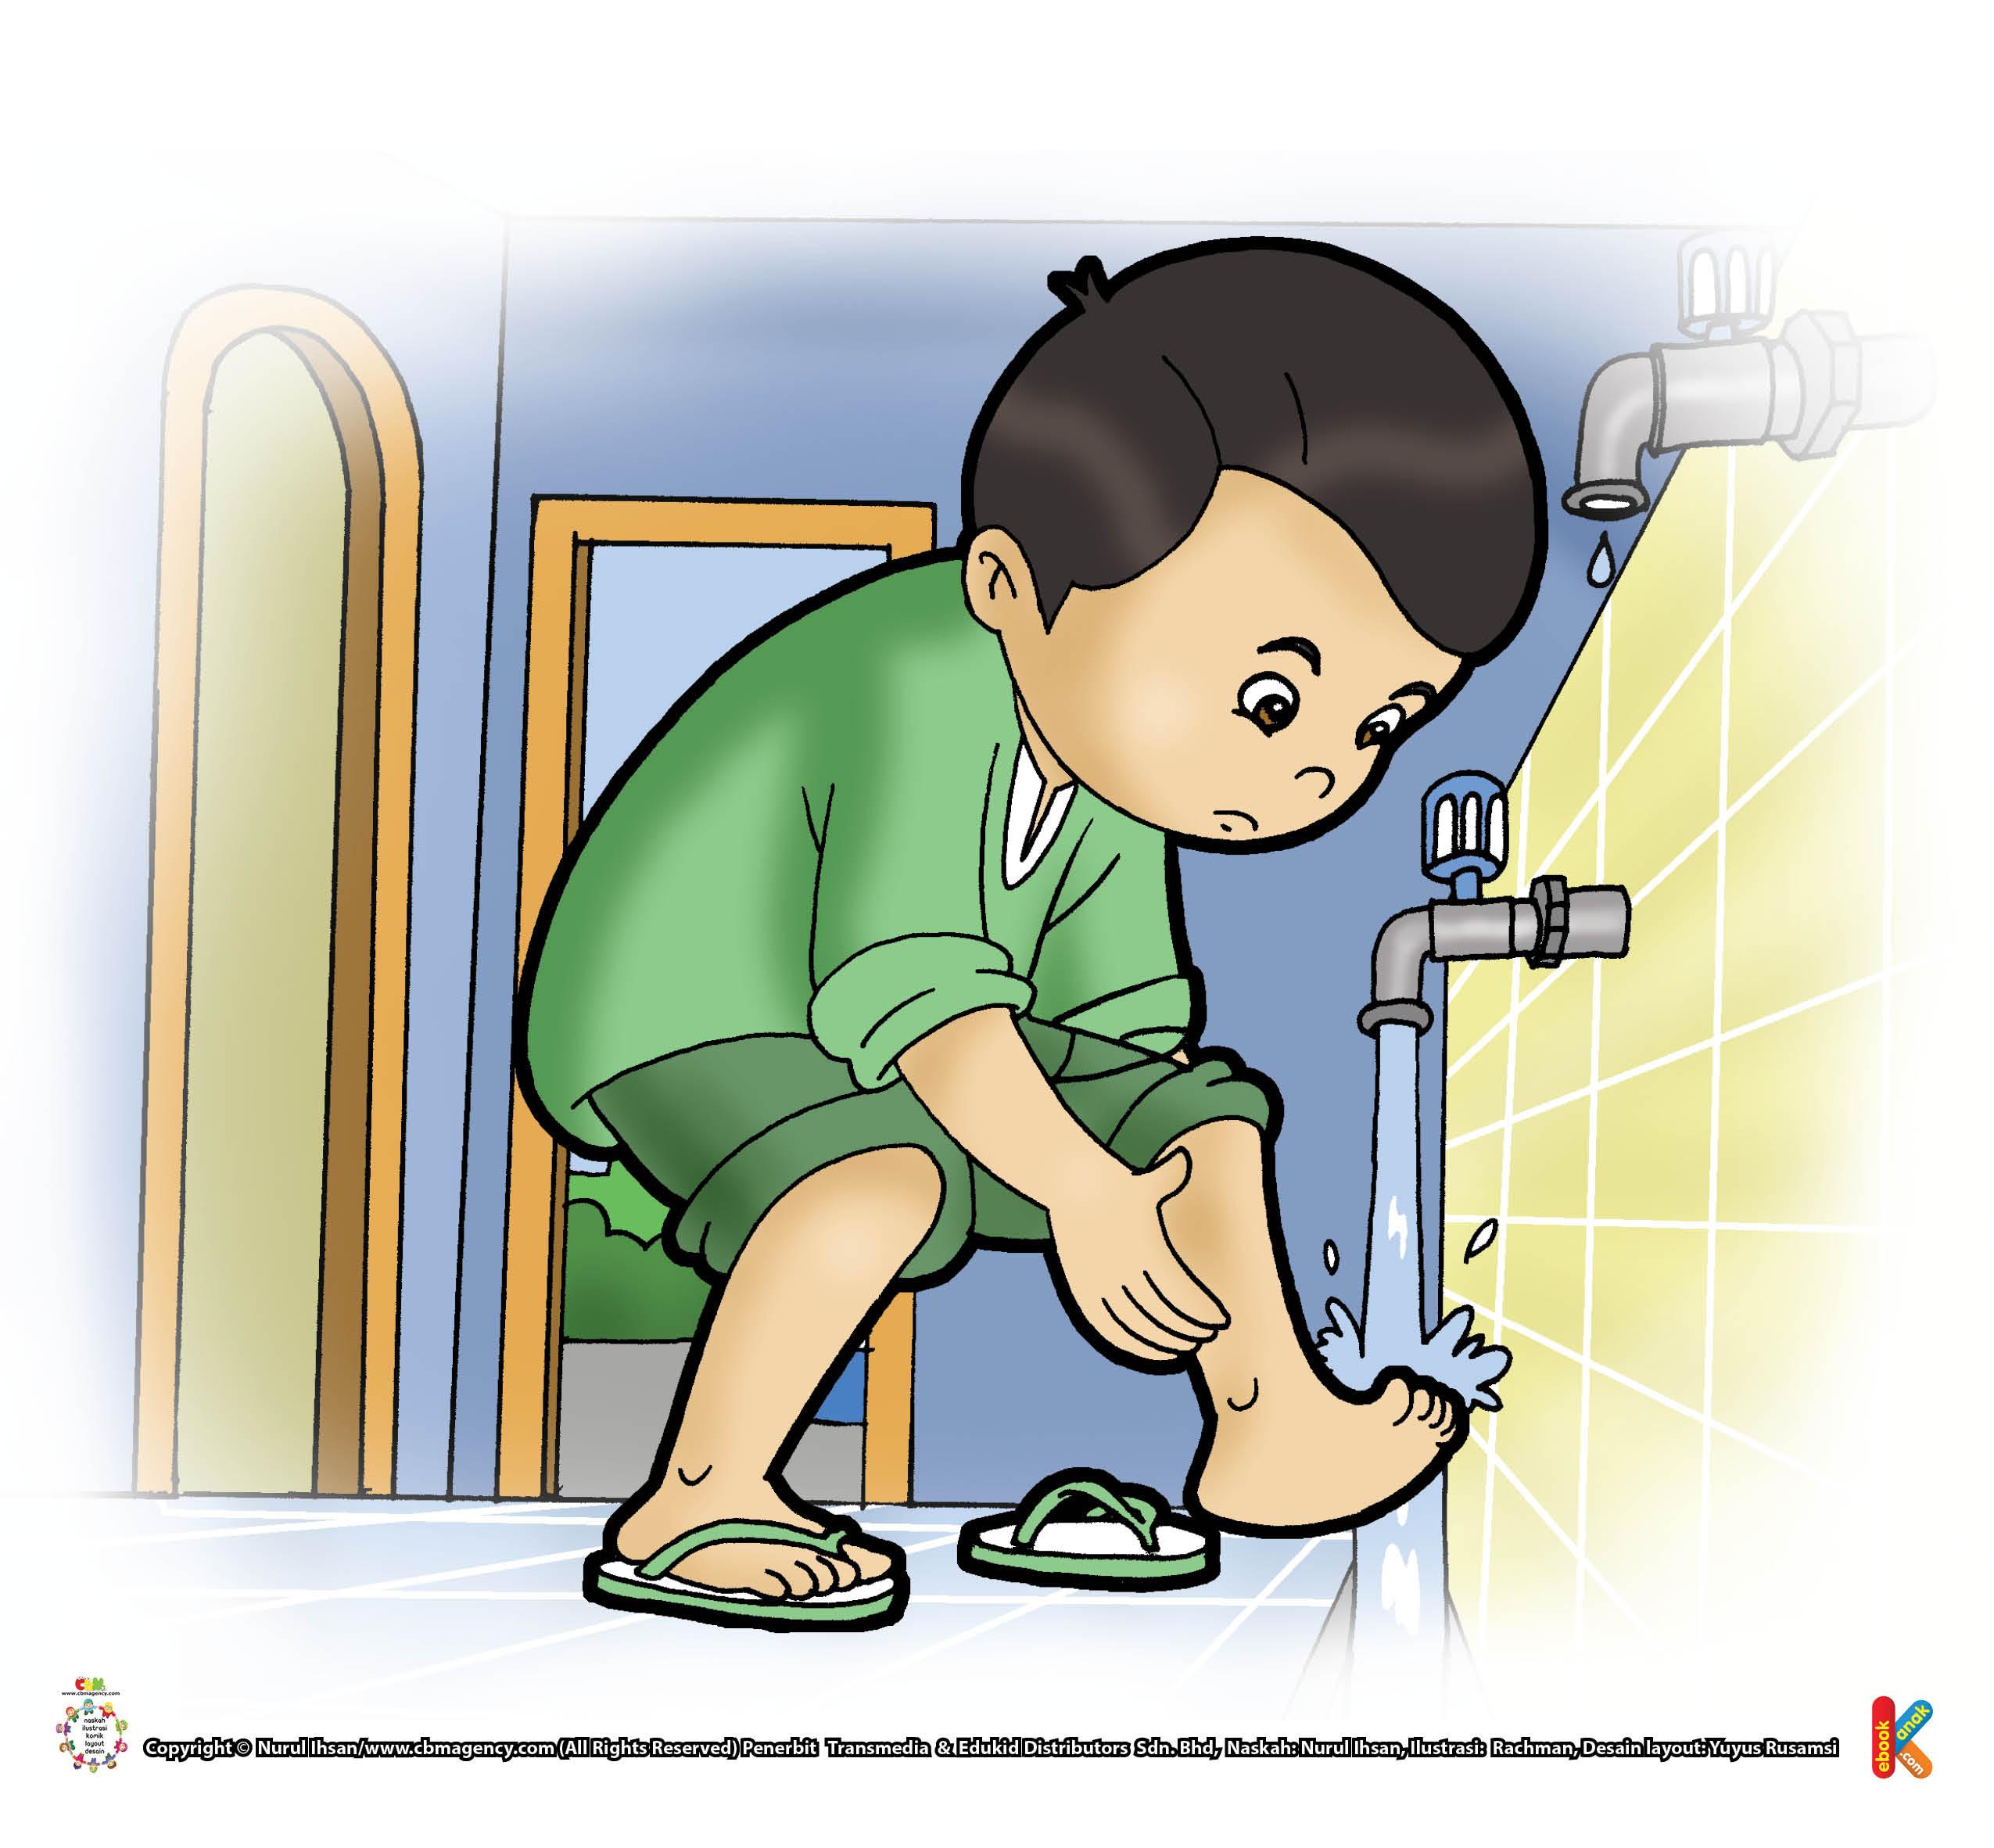 Keutaman membasuh kedua kaki saat wudhu.